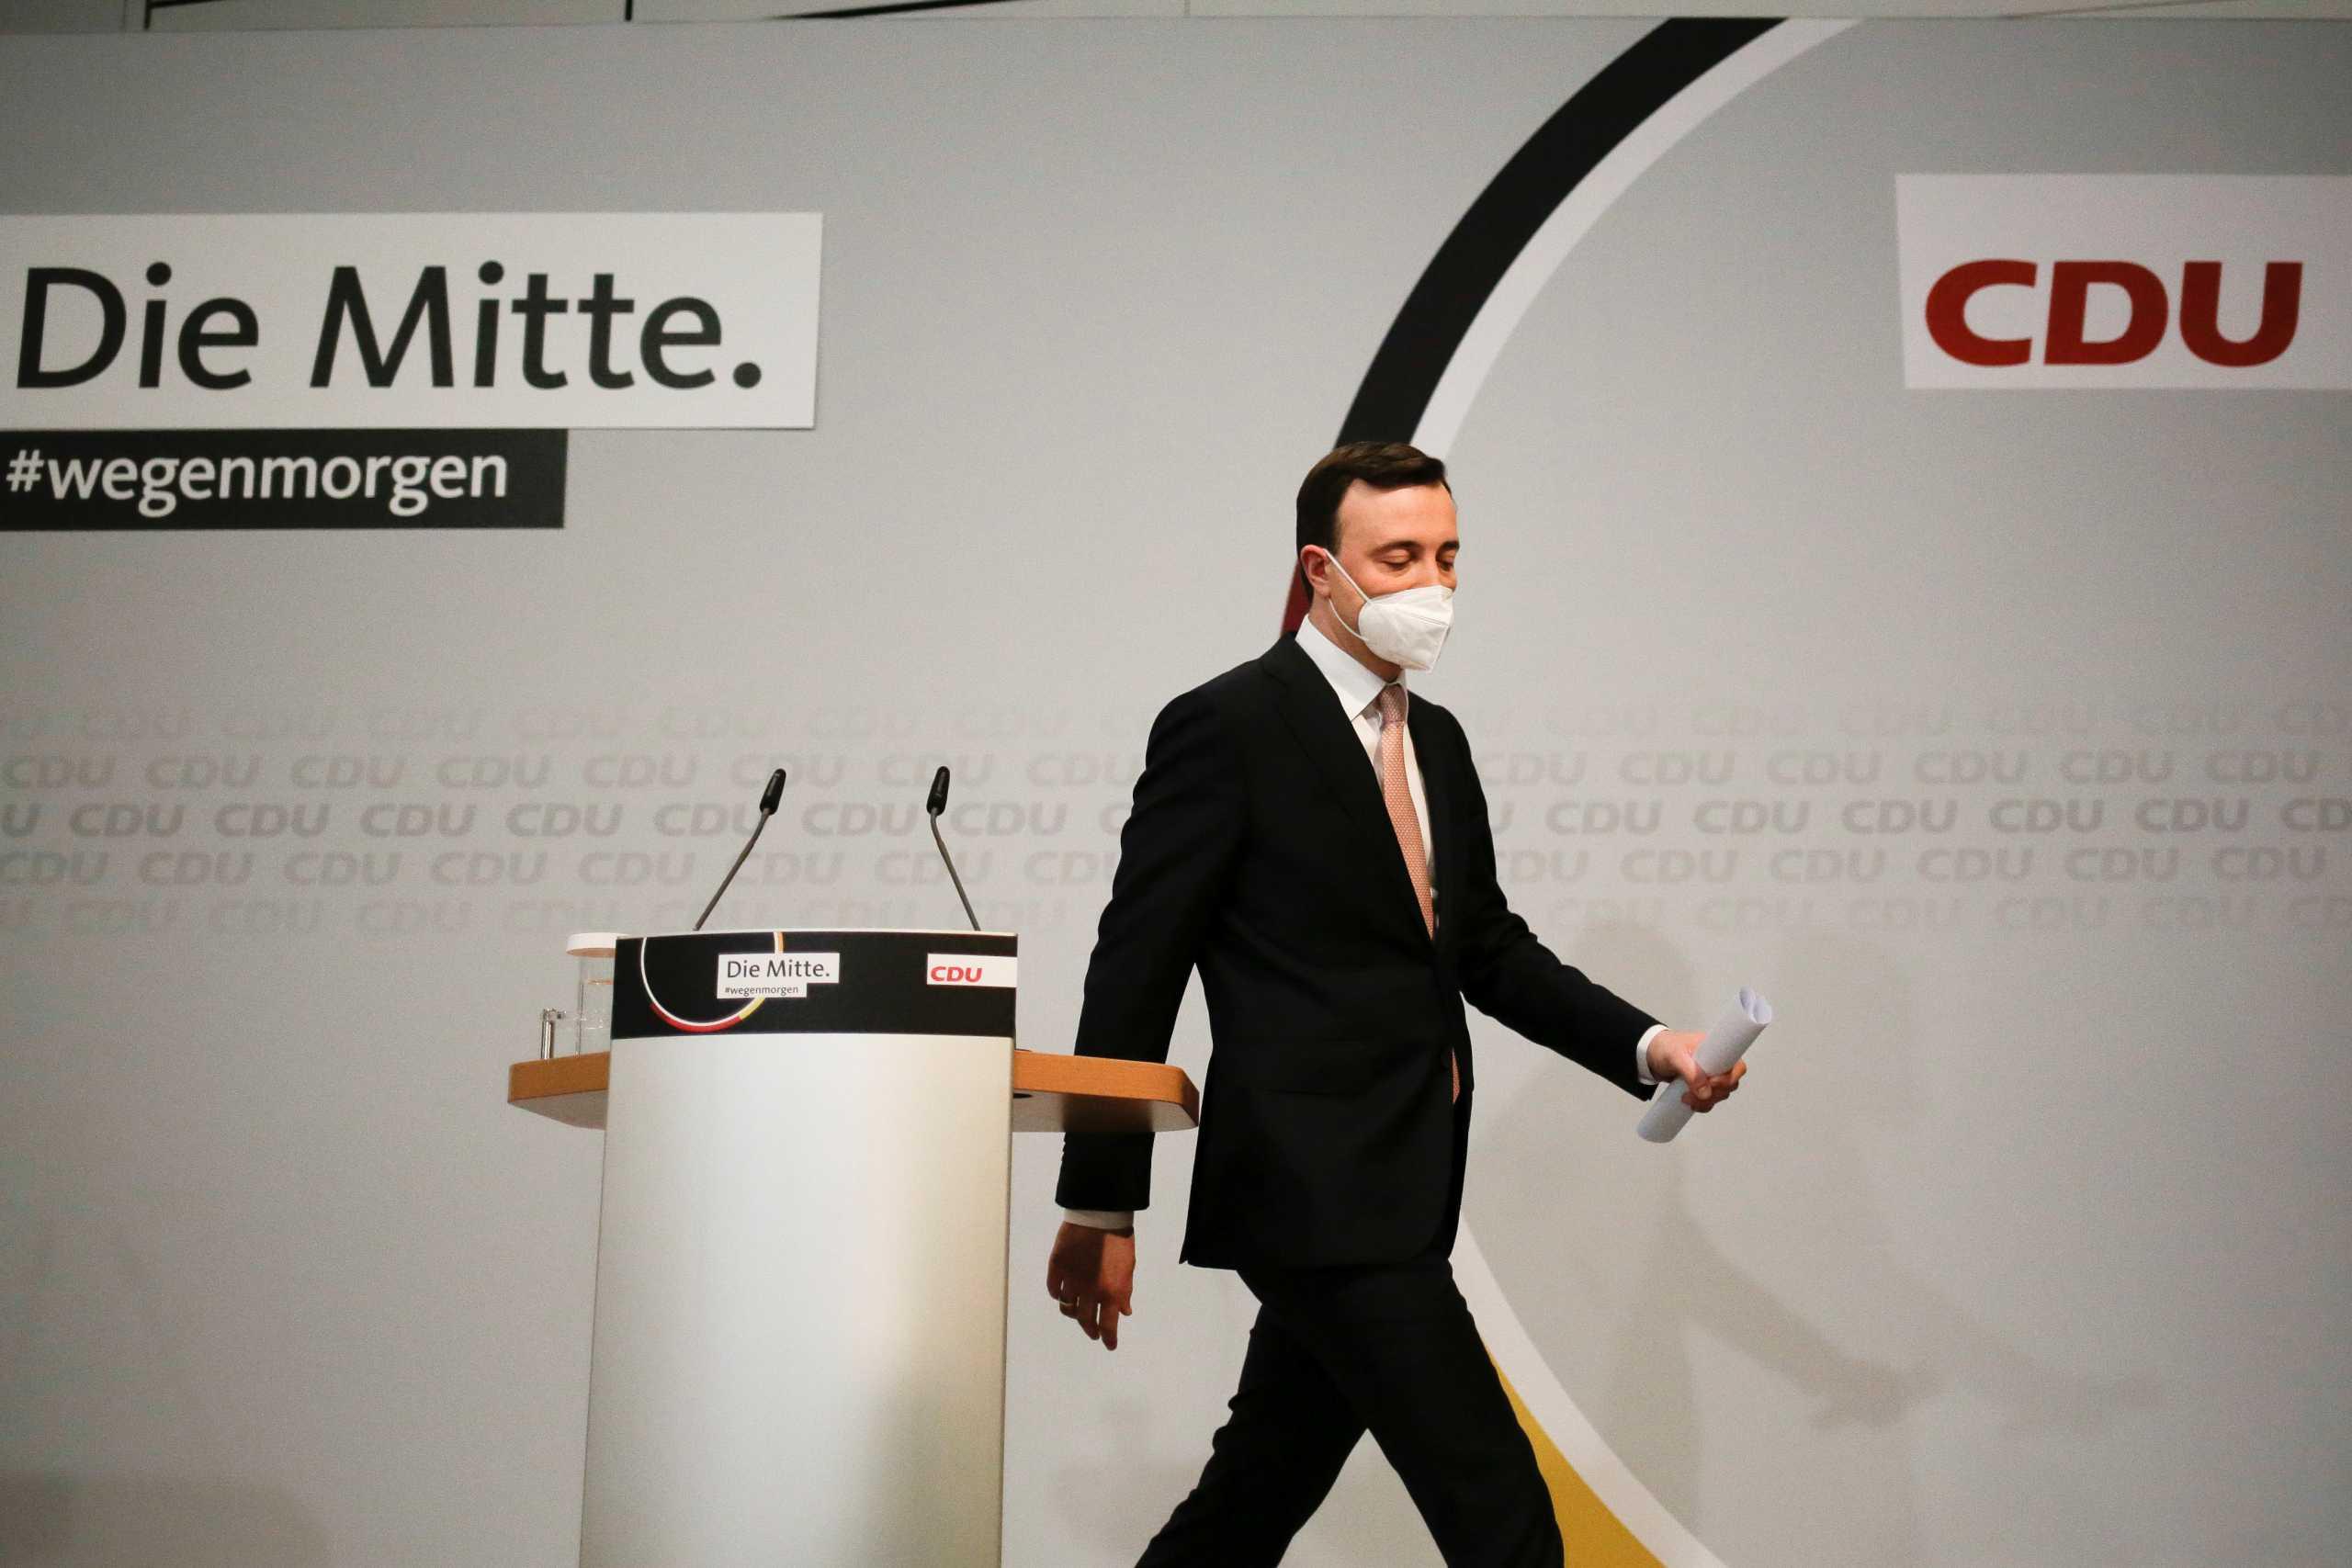 Γερμανία: Ηττήθηκαν CDU και AfD σε Βάδη – Βυρτεμβέργη και Ρηνανία – Παλατινάτο